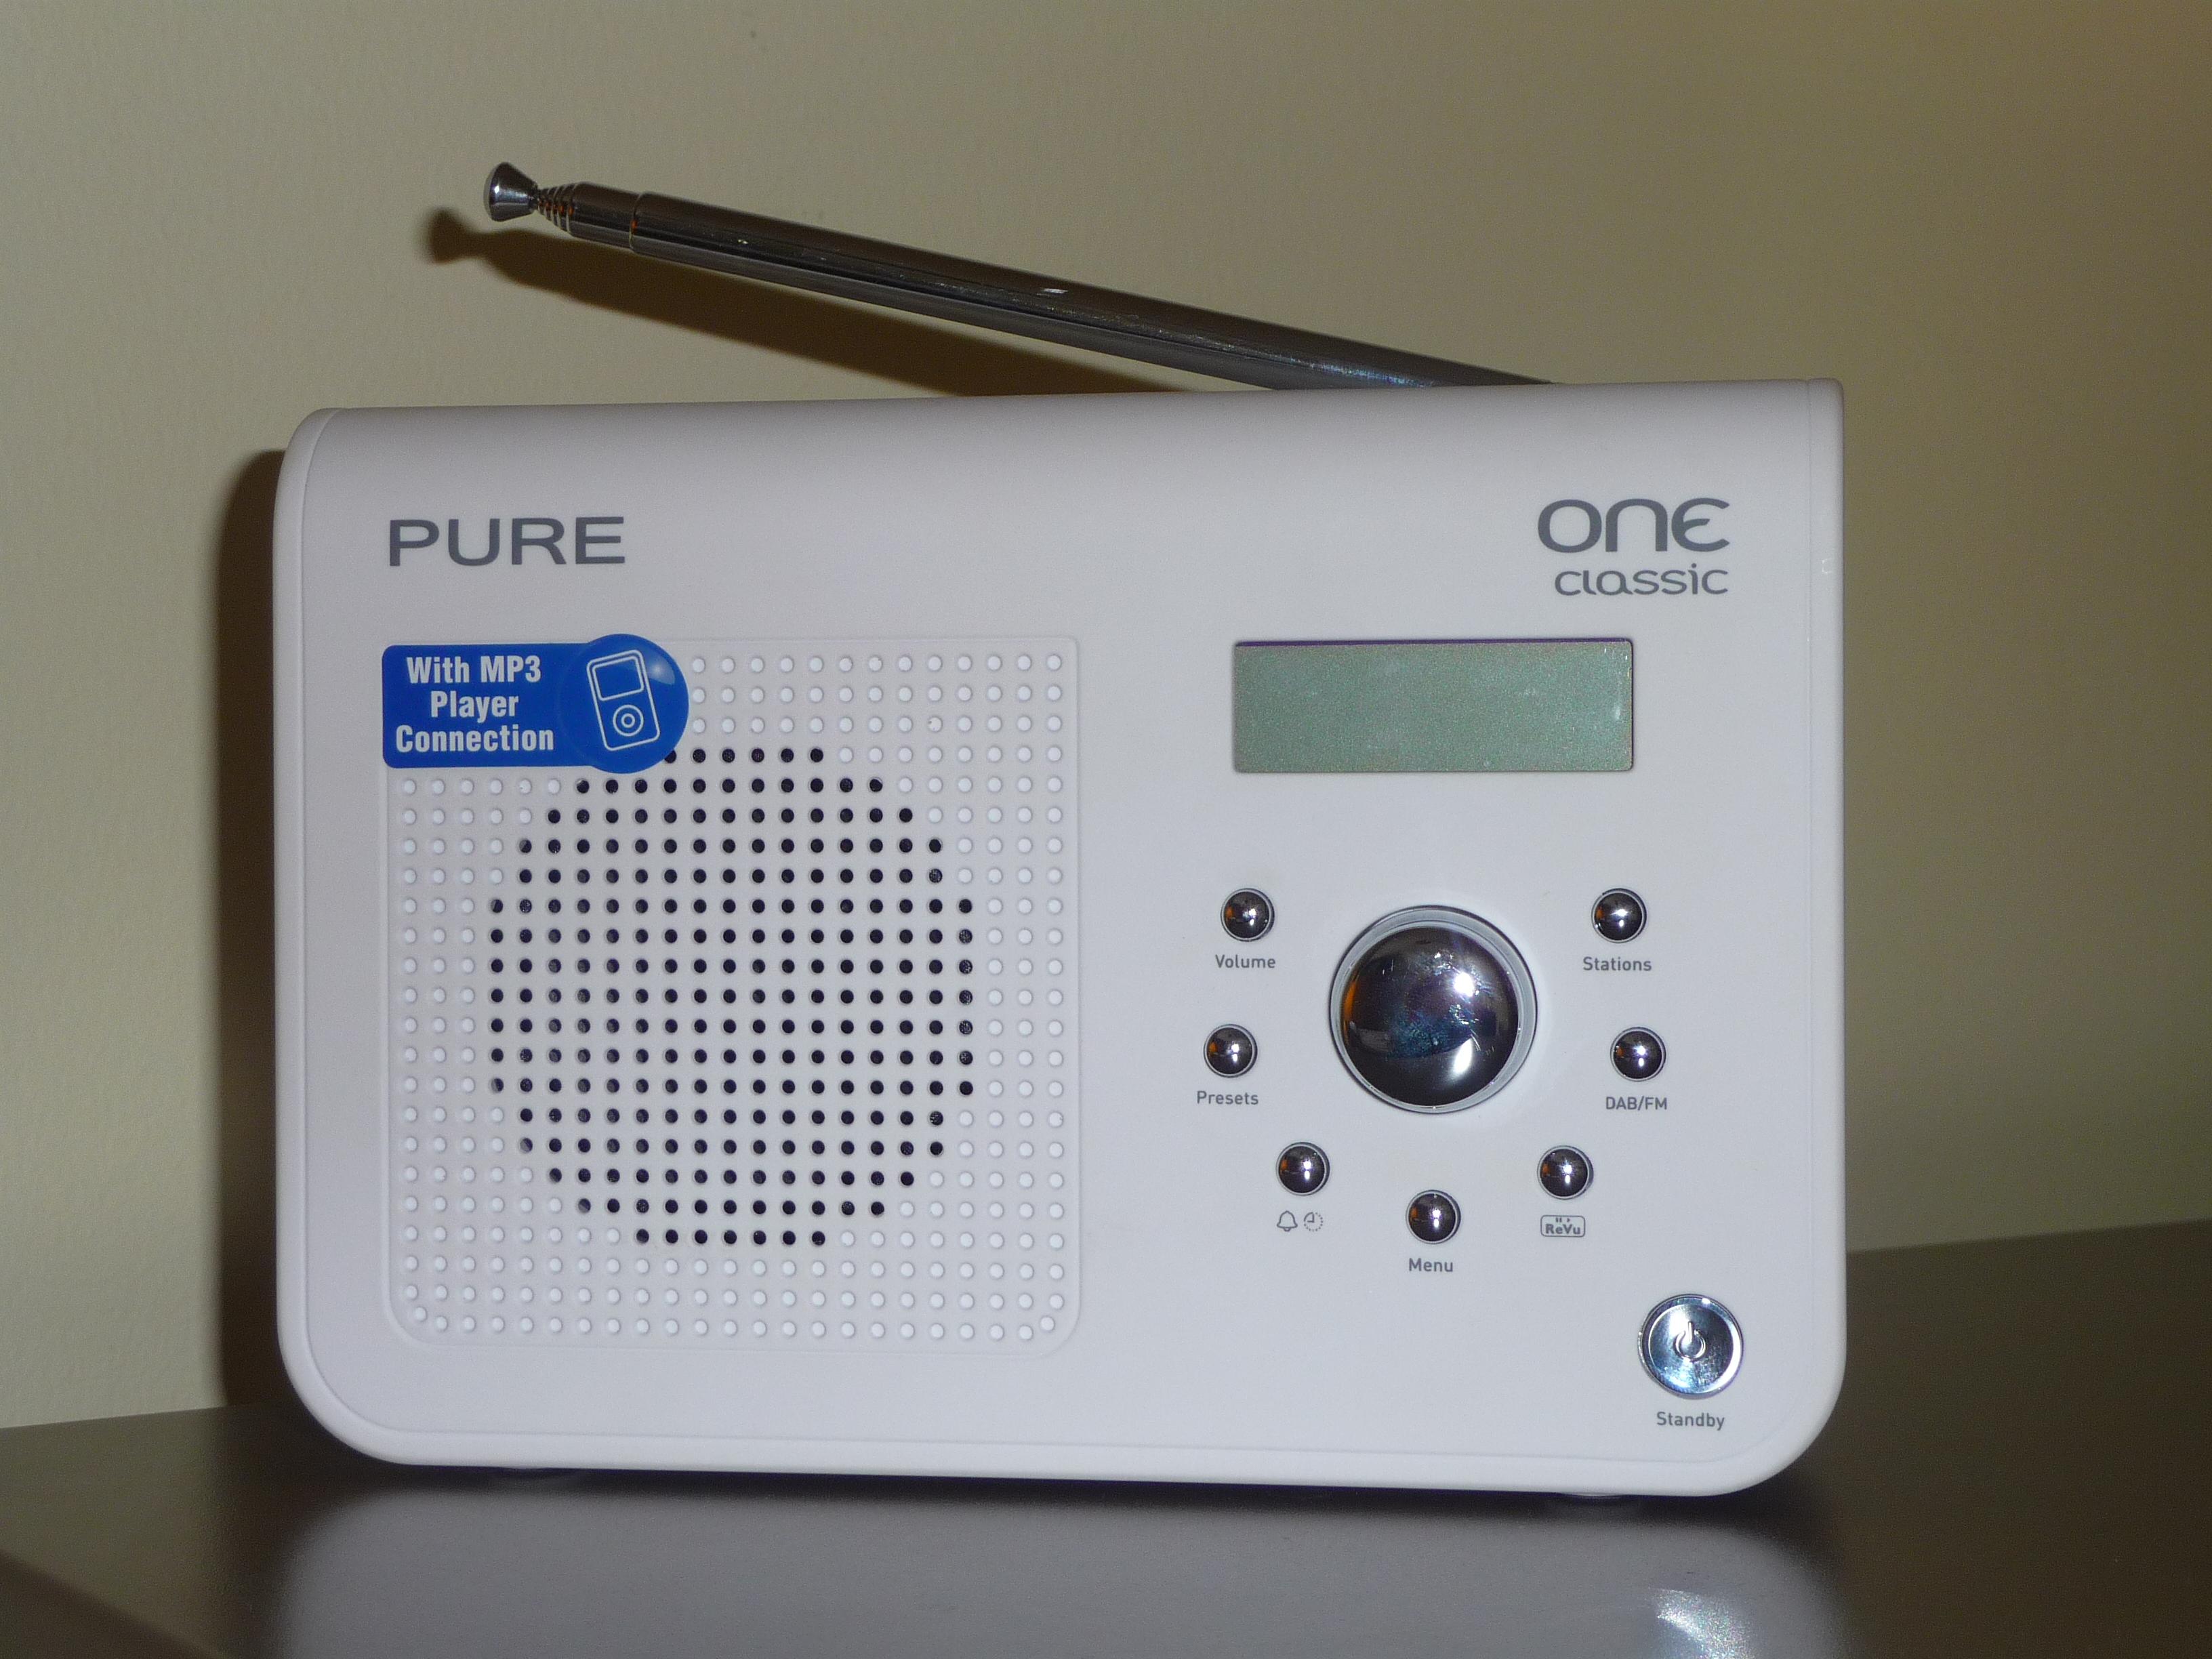 2008urenelassicdigitalradio